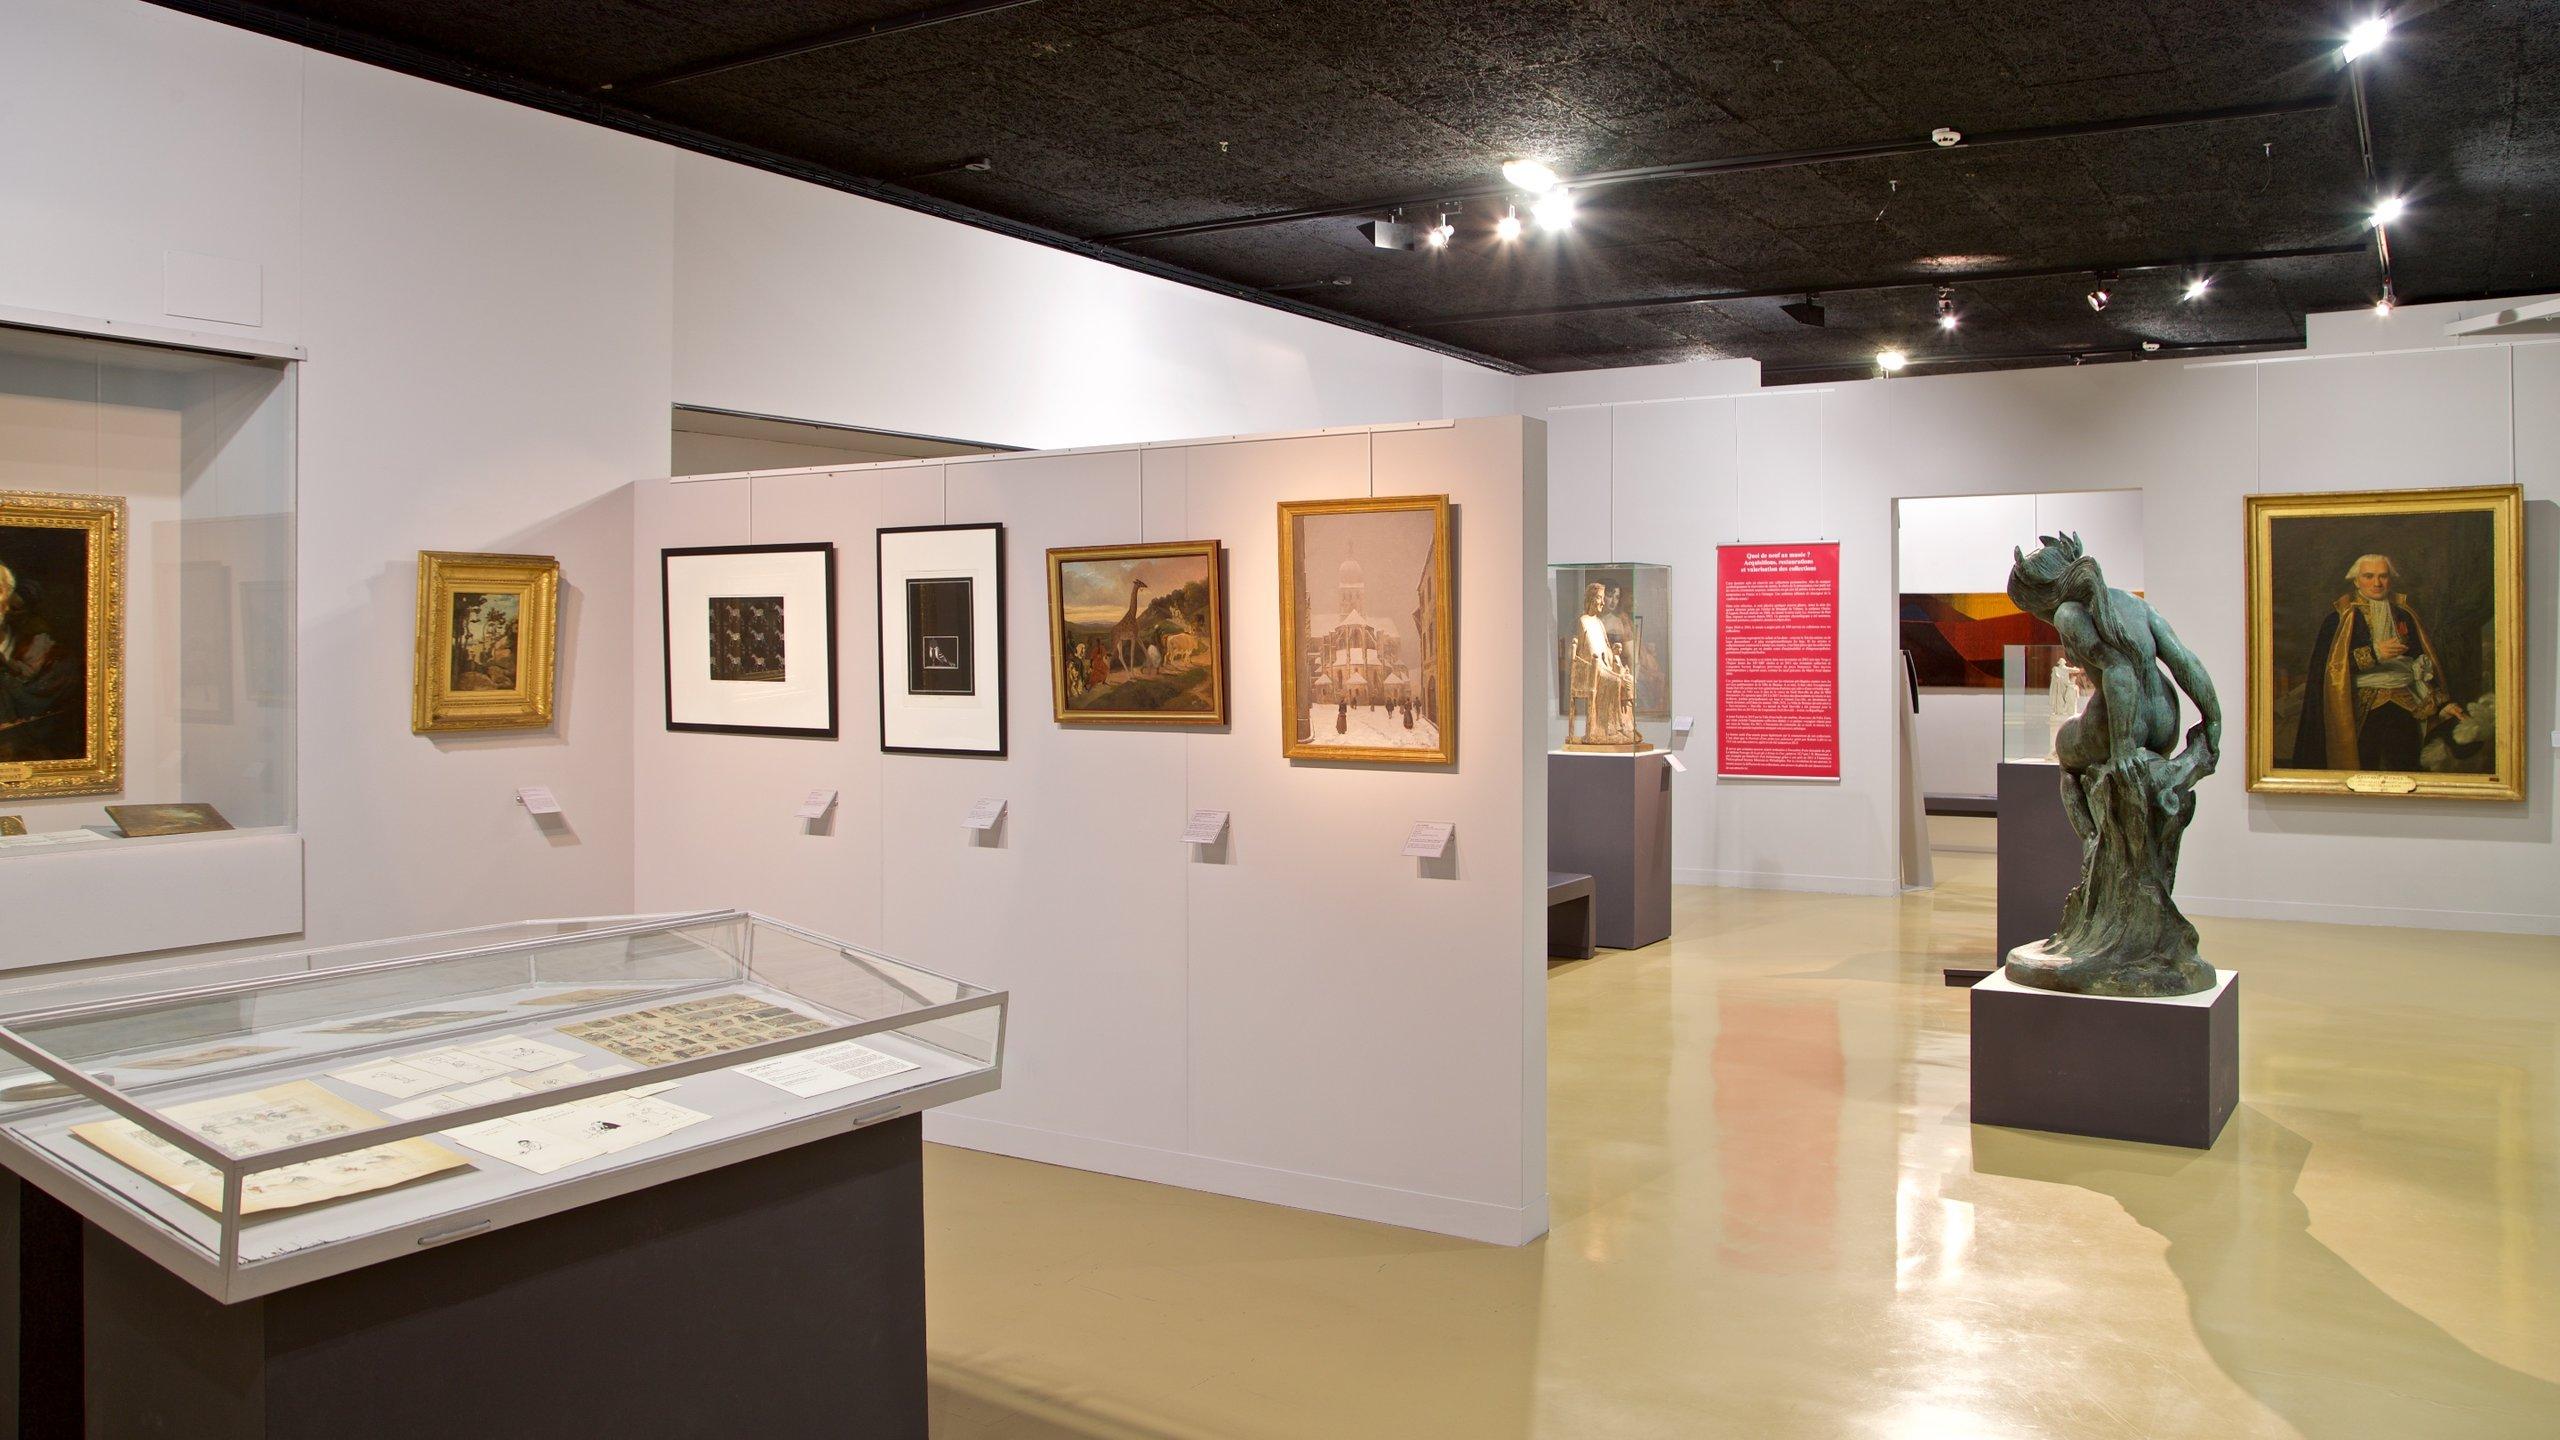 Cette collection d'art présente des œuvres des célèbres peintres locaux Félix Ziem et Hippolyte Michaud ainsi que des œuvres d'artistes de renommée internationale.